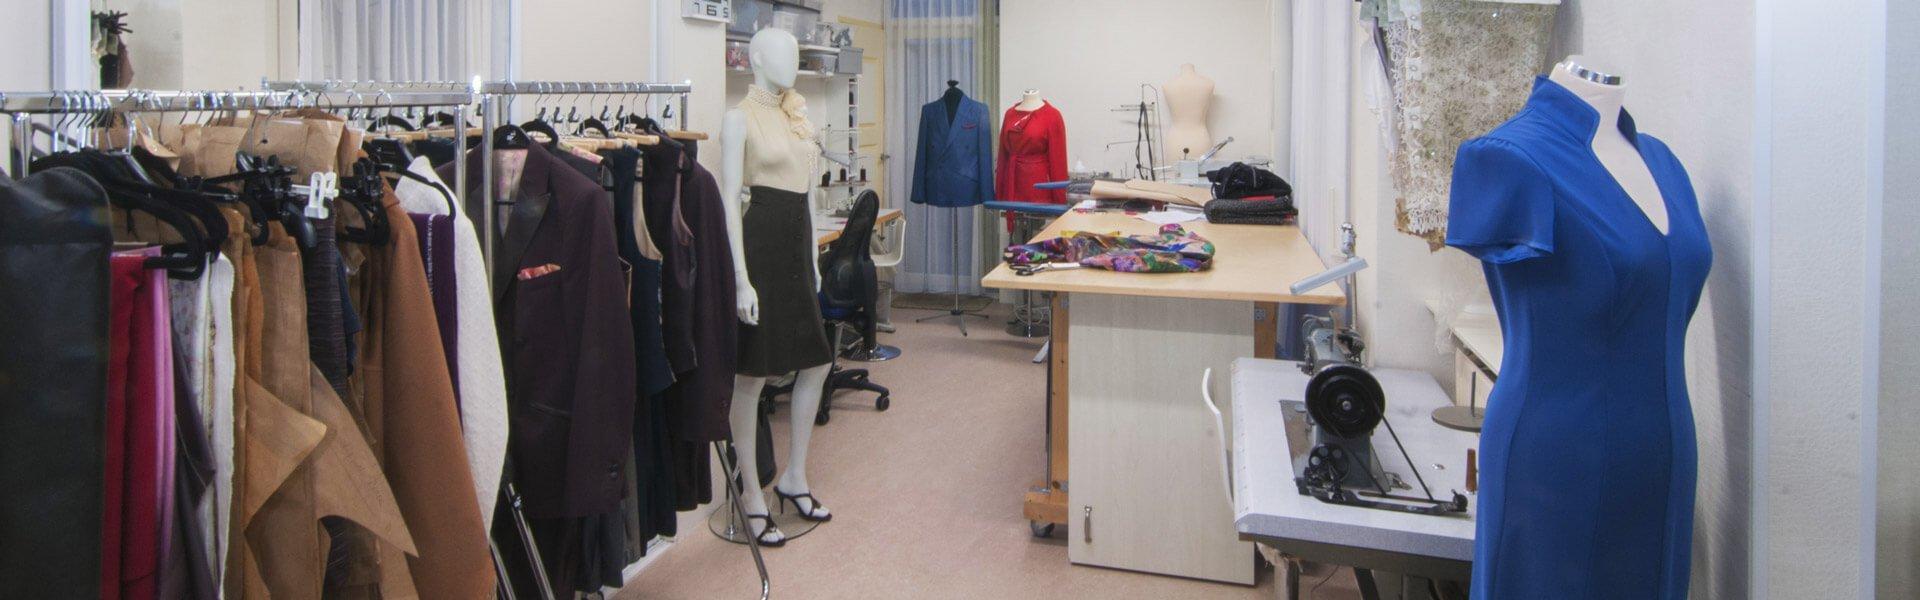 Atelier couturier Angeline van Leeuwen in den Haag